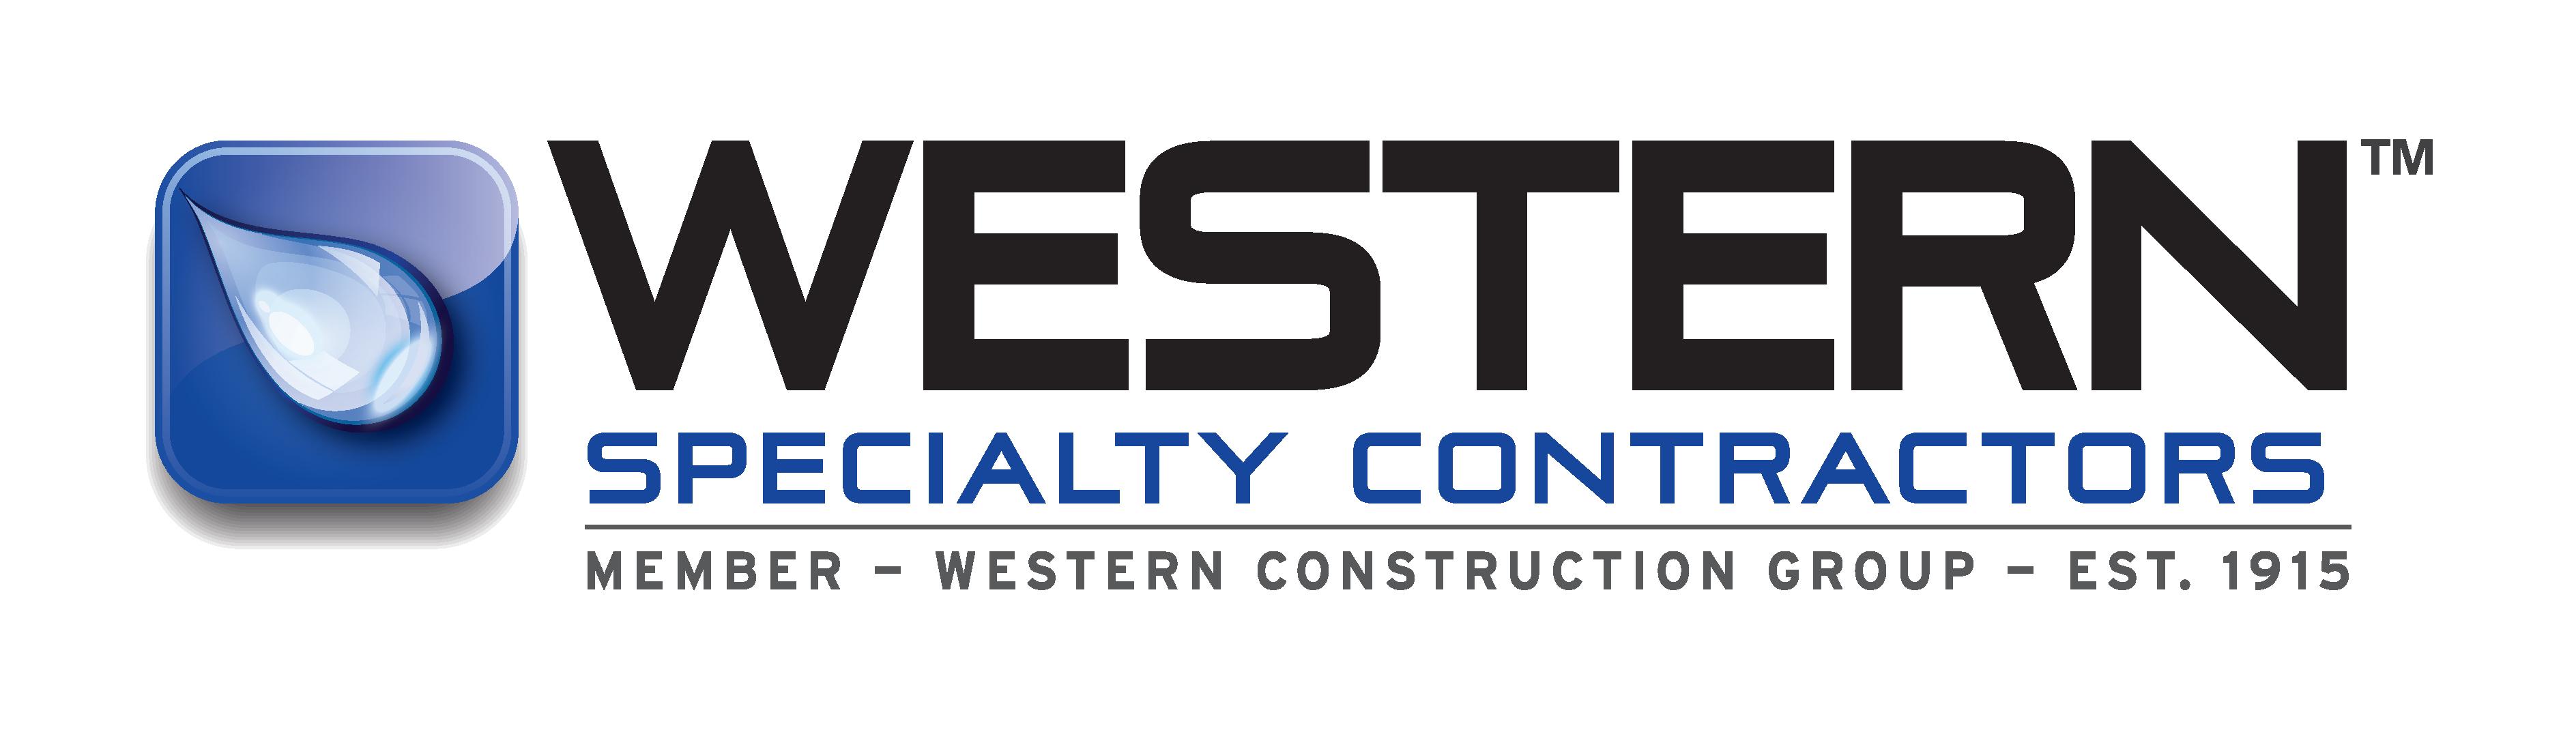 Western Specialty Contractors Logo.jpg